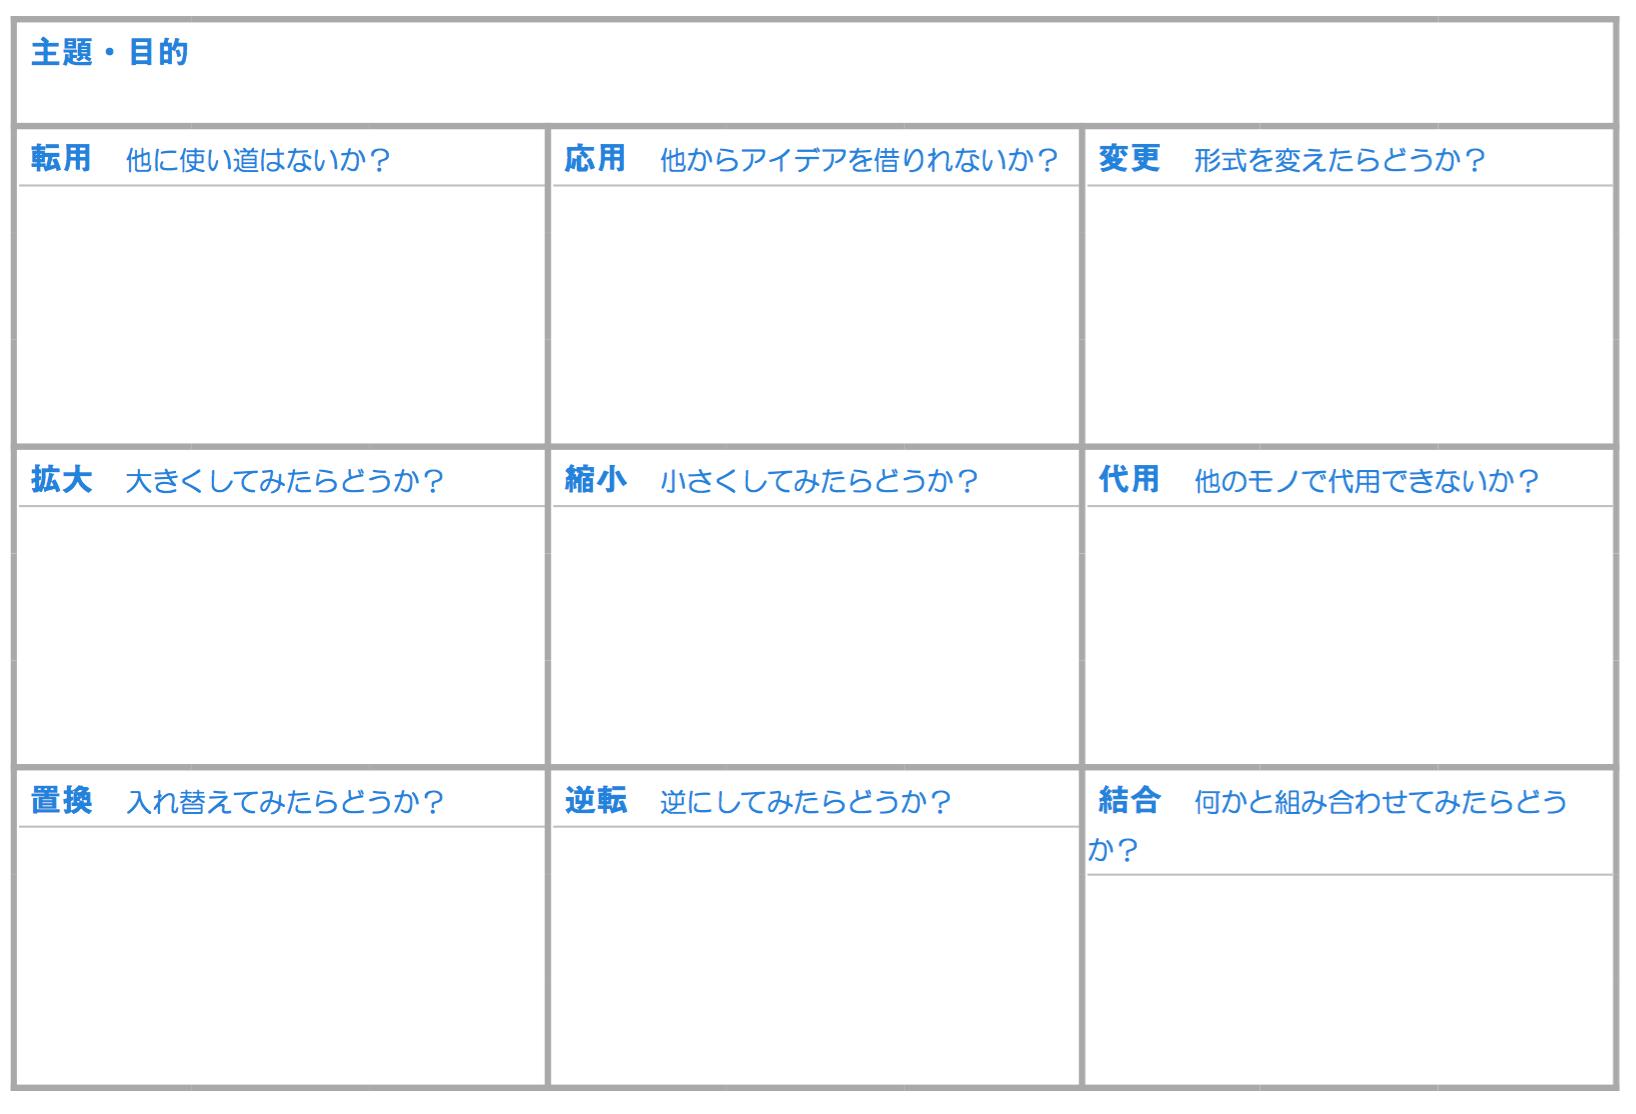 スクリーンショット 2015-06-11 14.04.33.png